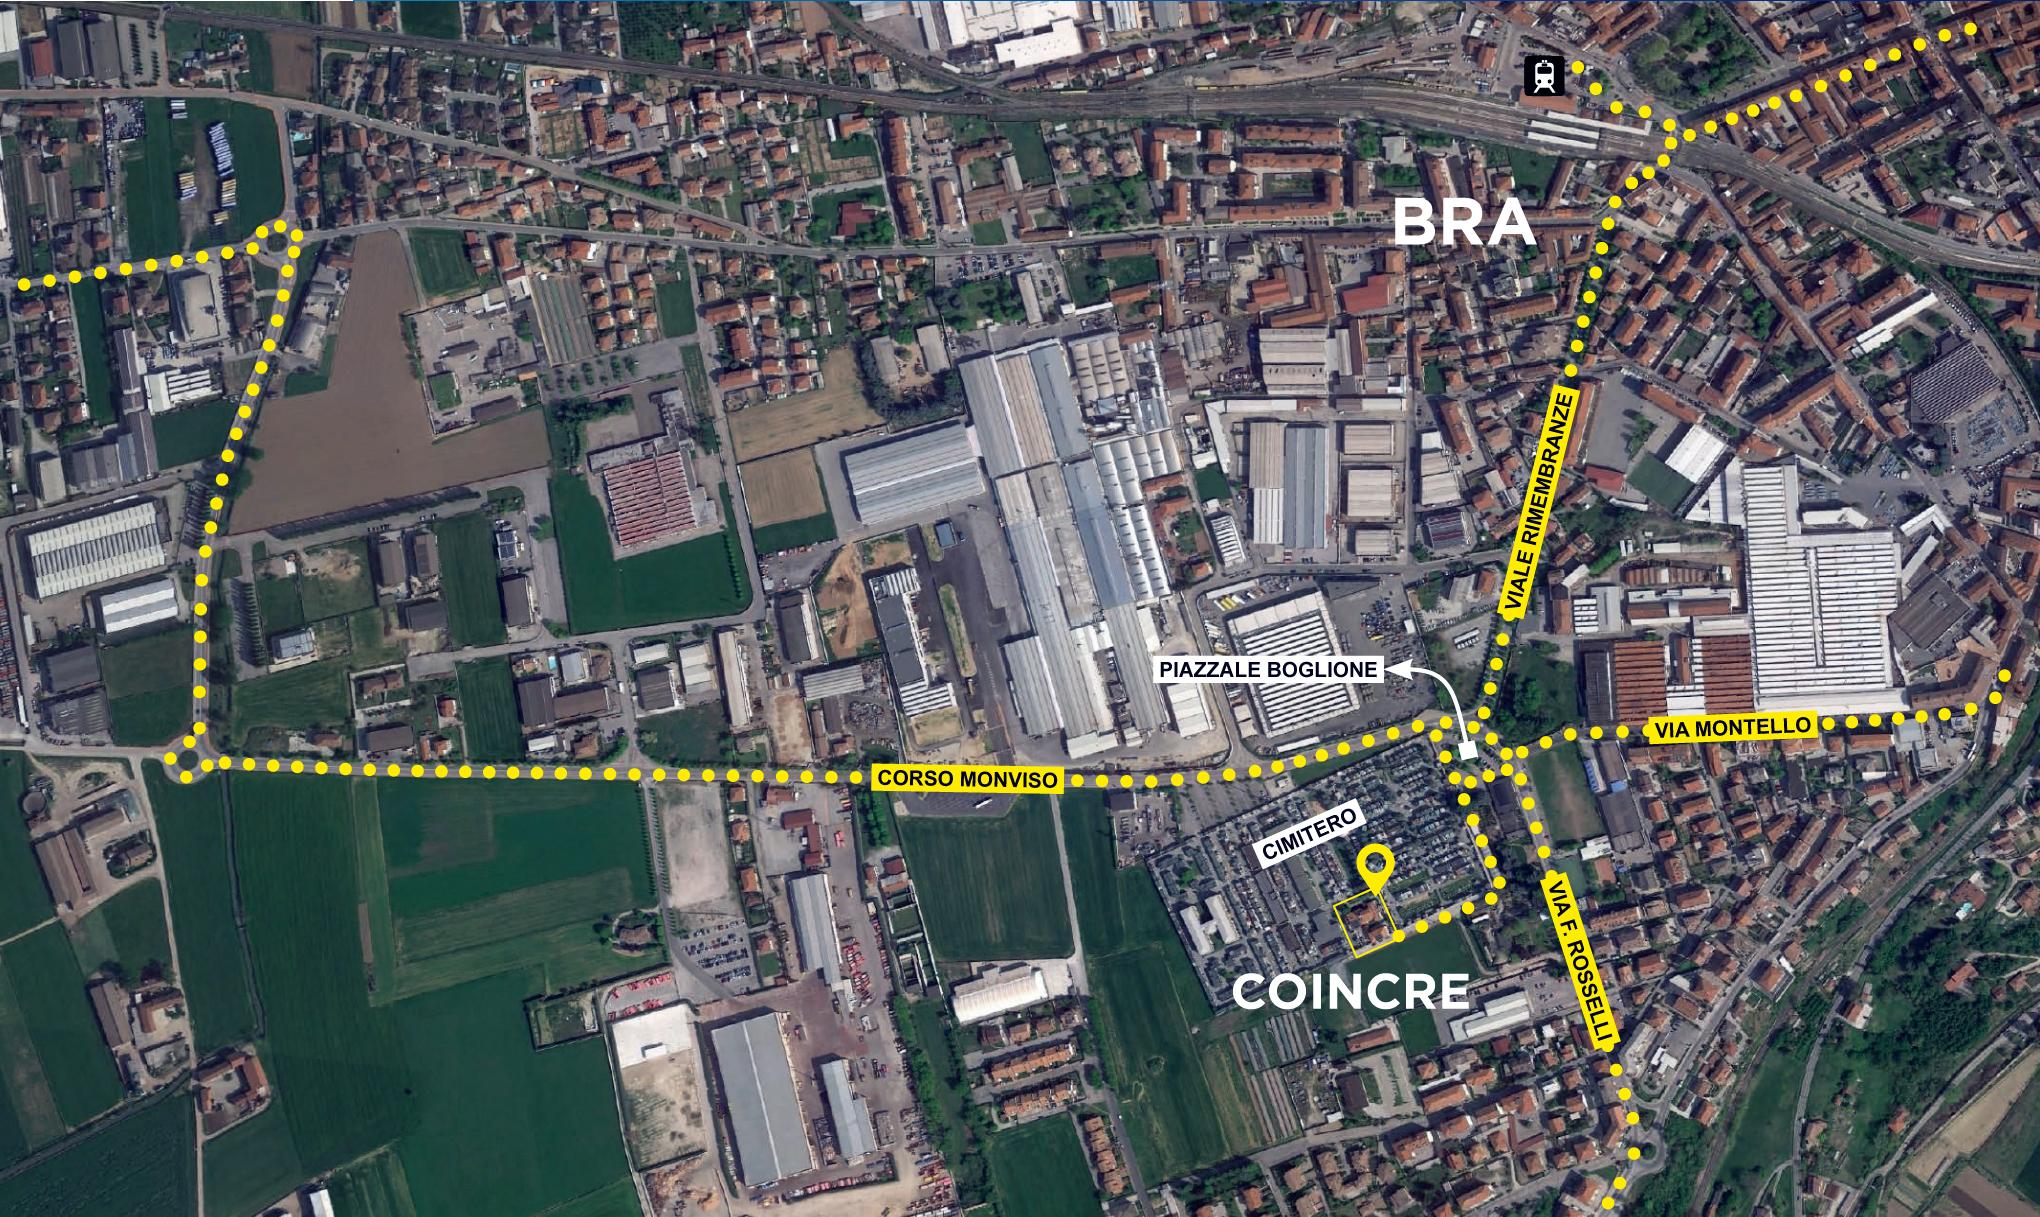 piazzale Boglione